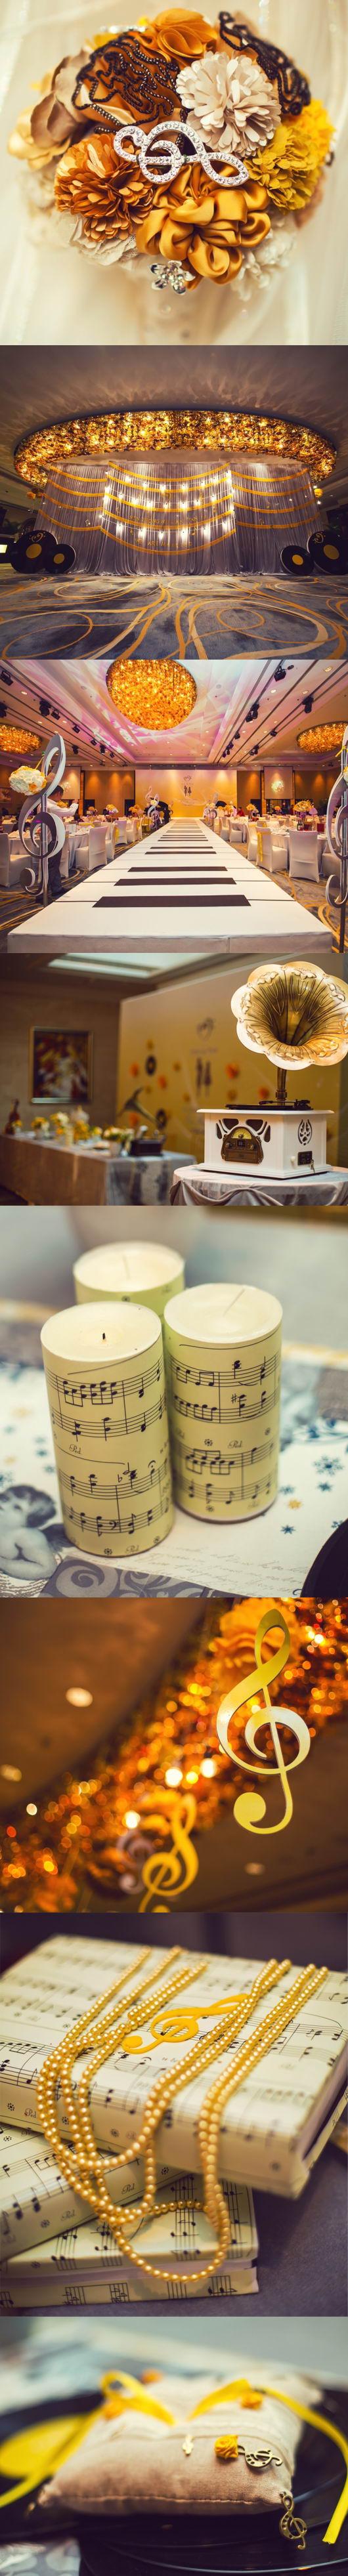 un mariage de thème musique : bouquet ornée de note musicale, podium en clavier, bougie et livre emballé de partition et décoration de phonographe